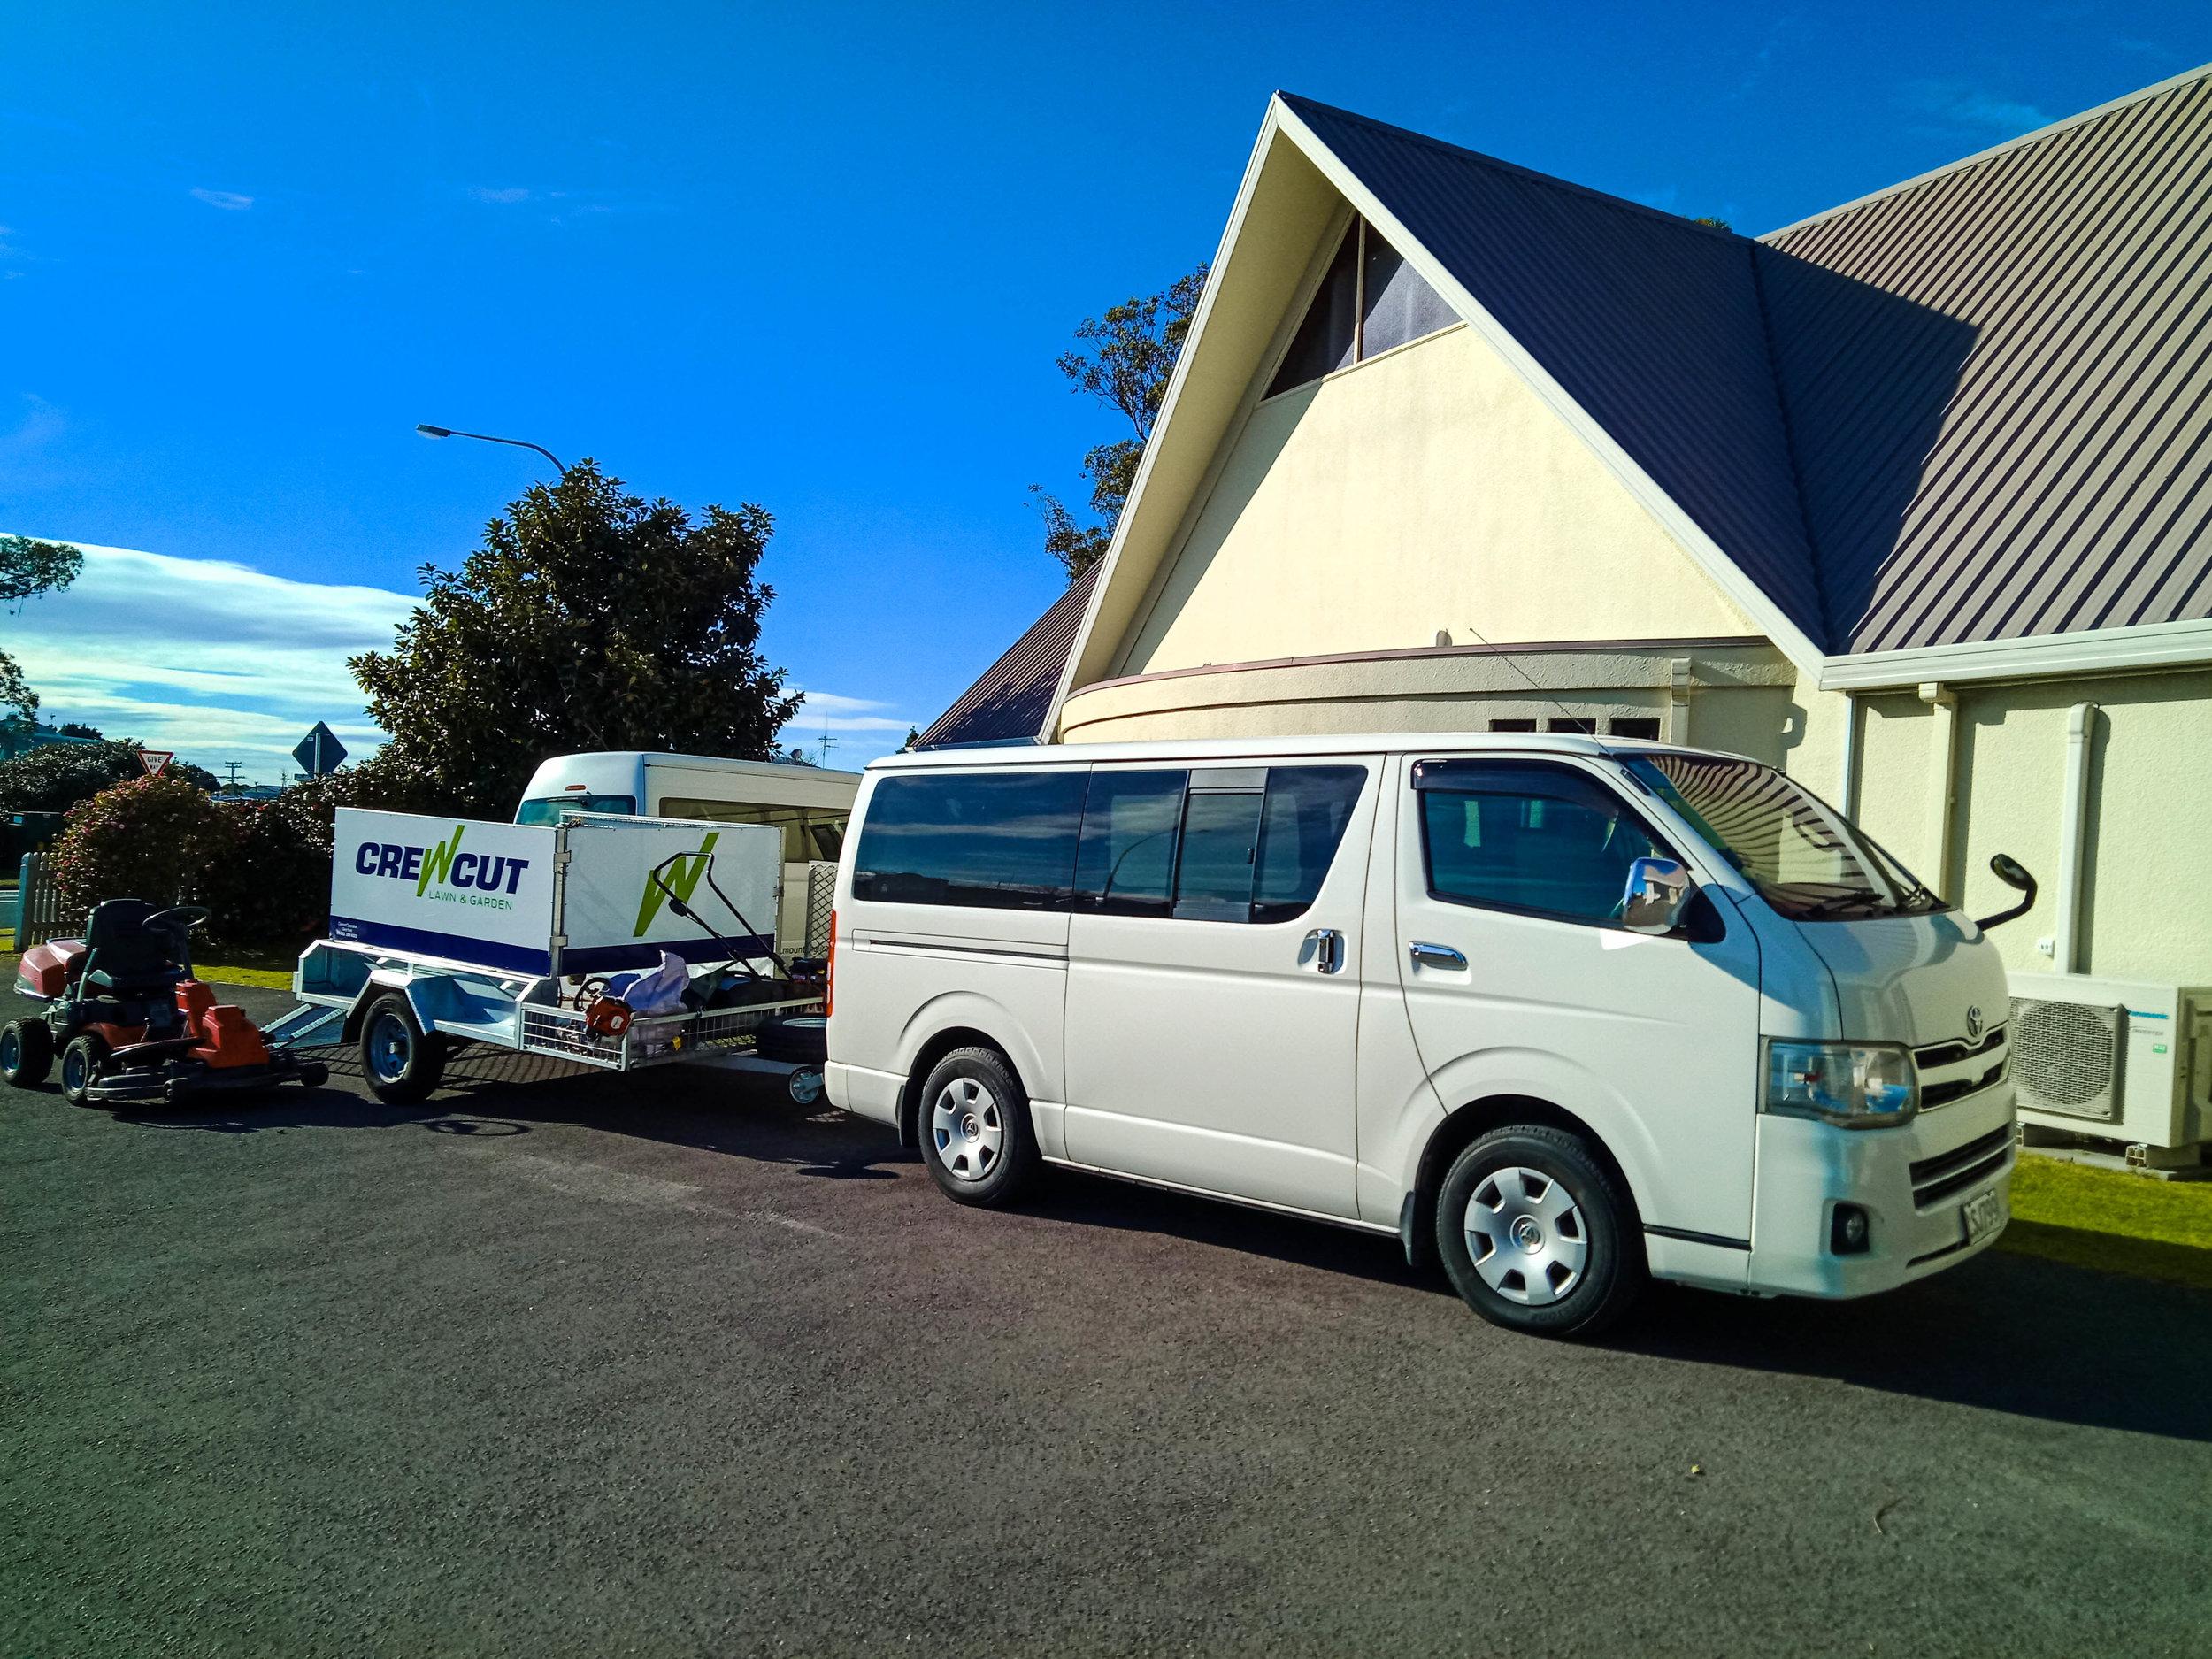 Crewcut van and trailer